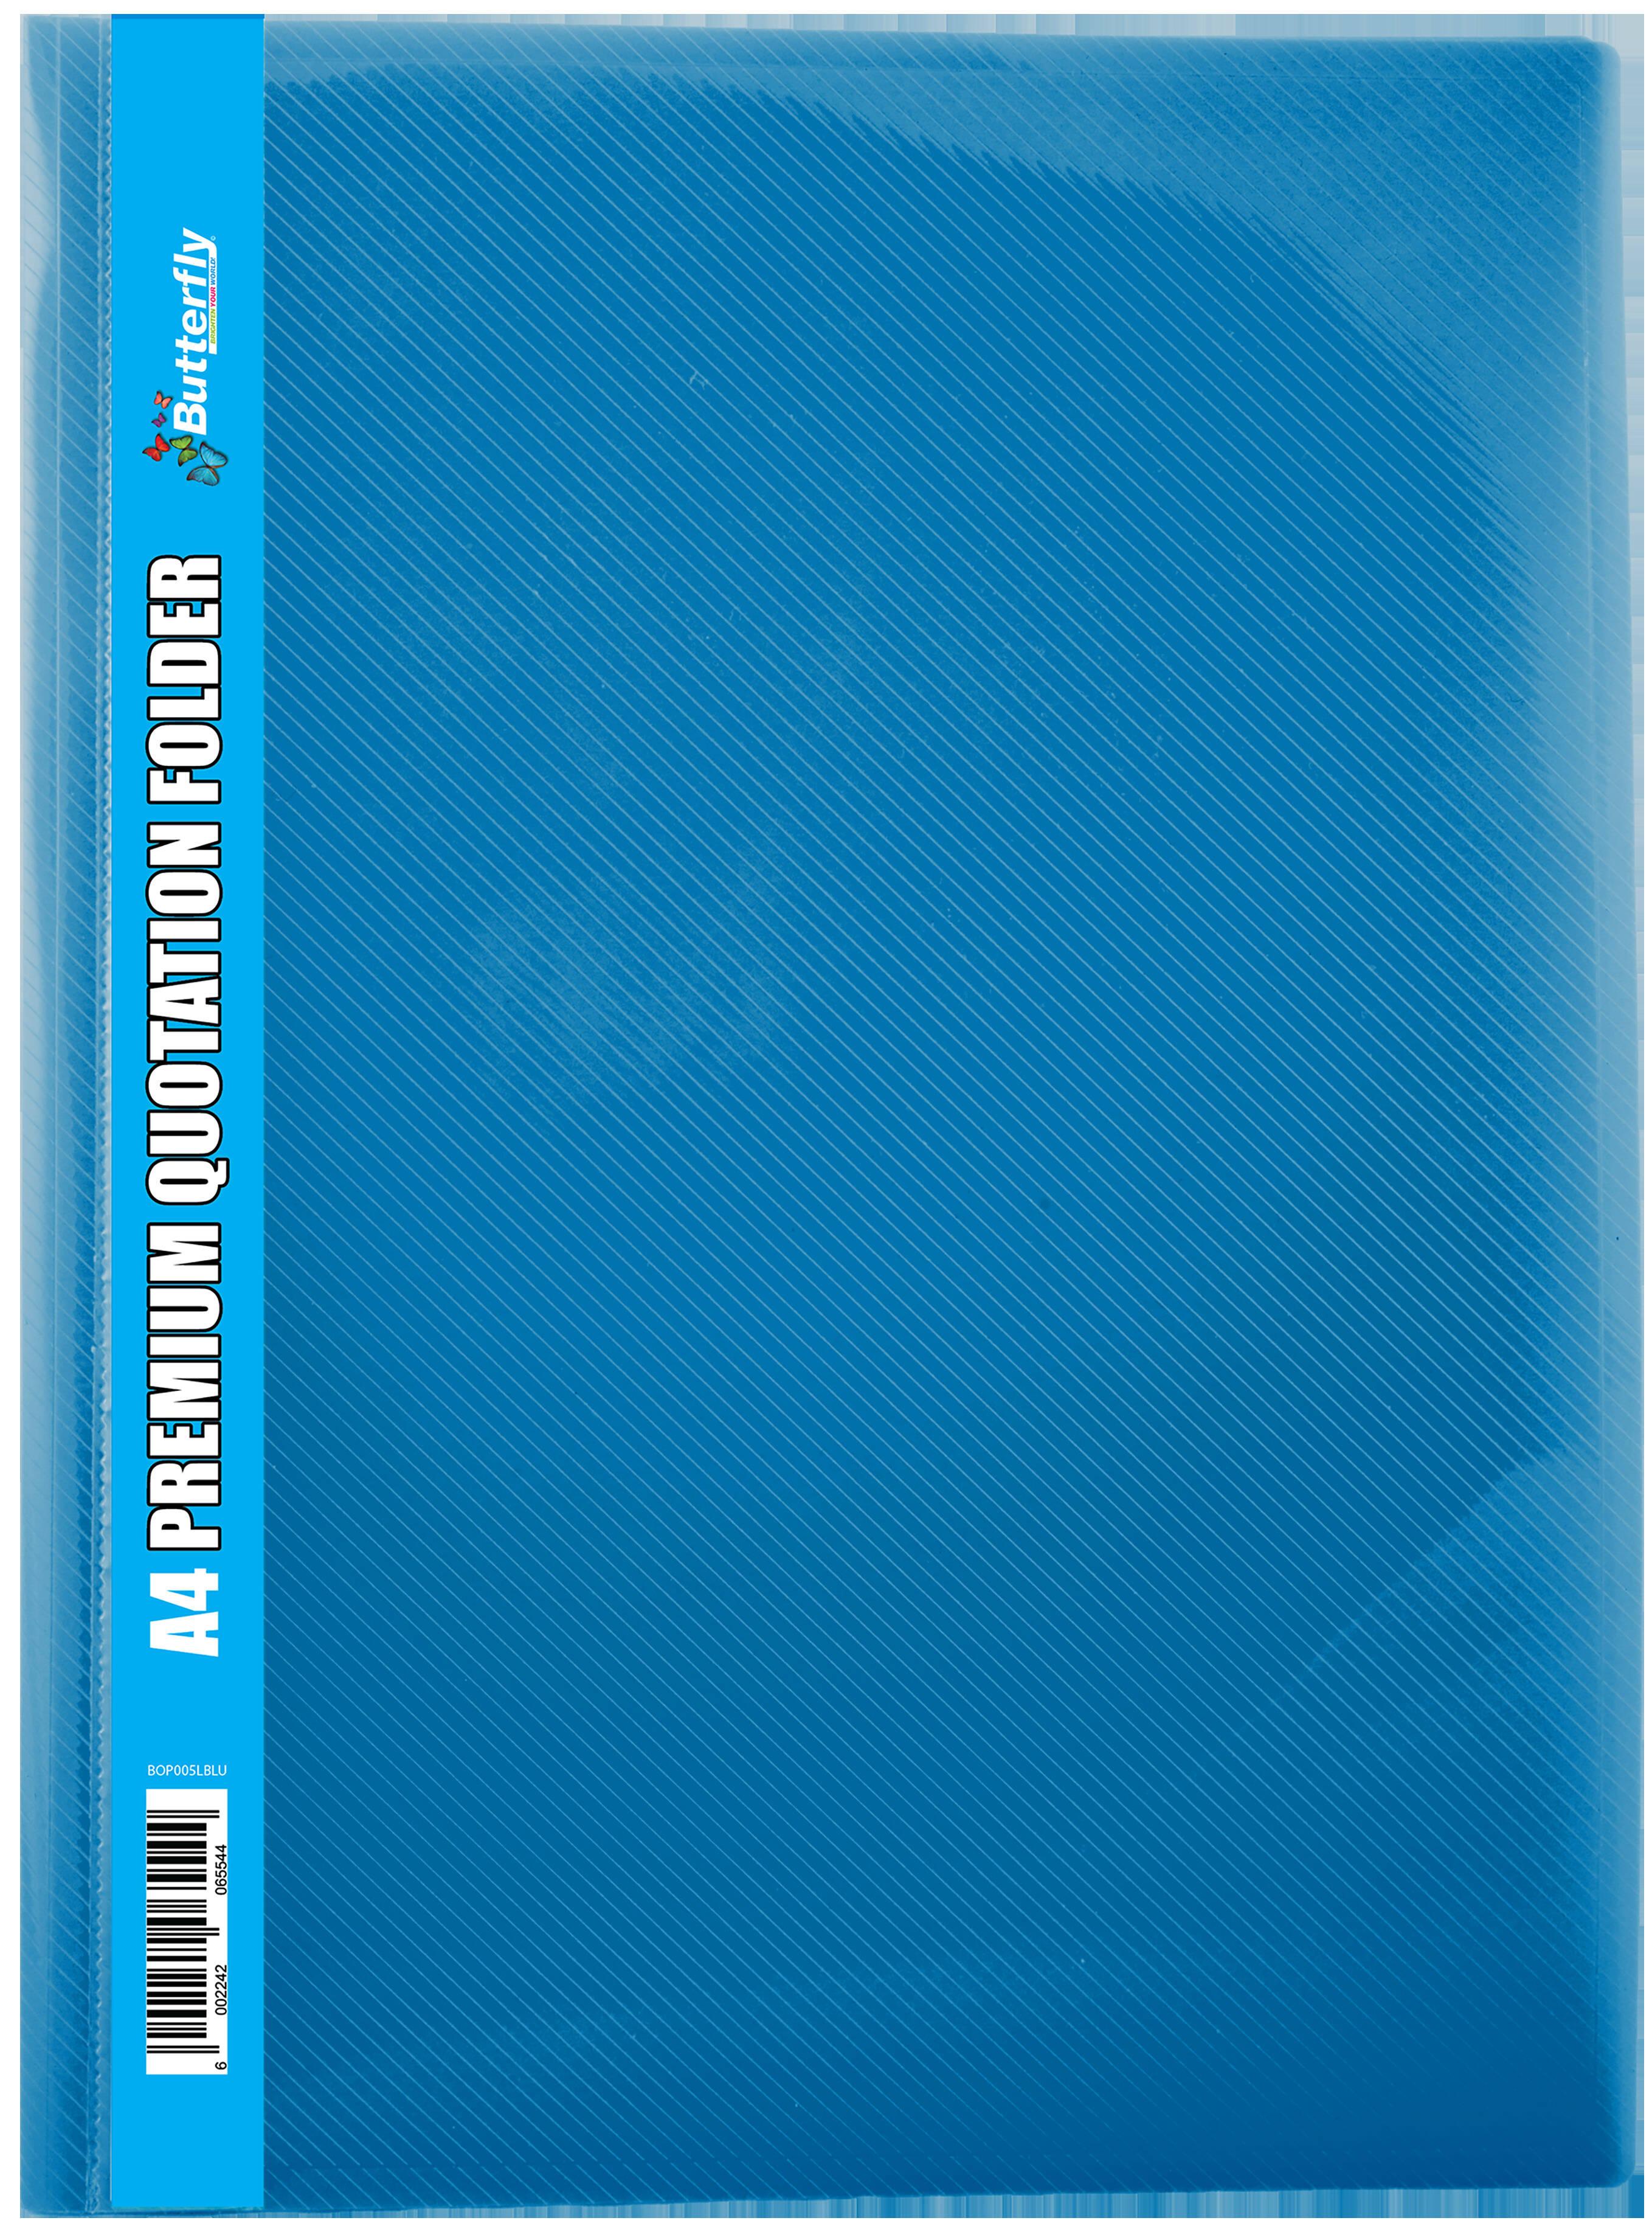 A4 Premium Quotation Folders - 400 Micron - Light Blue